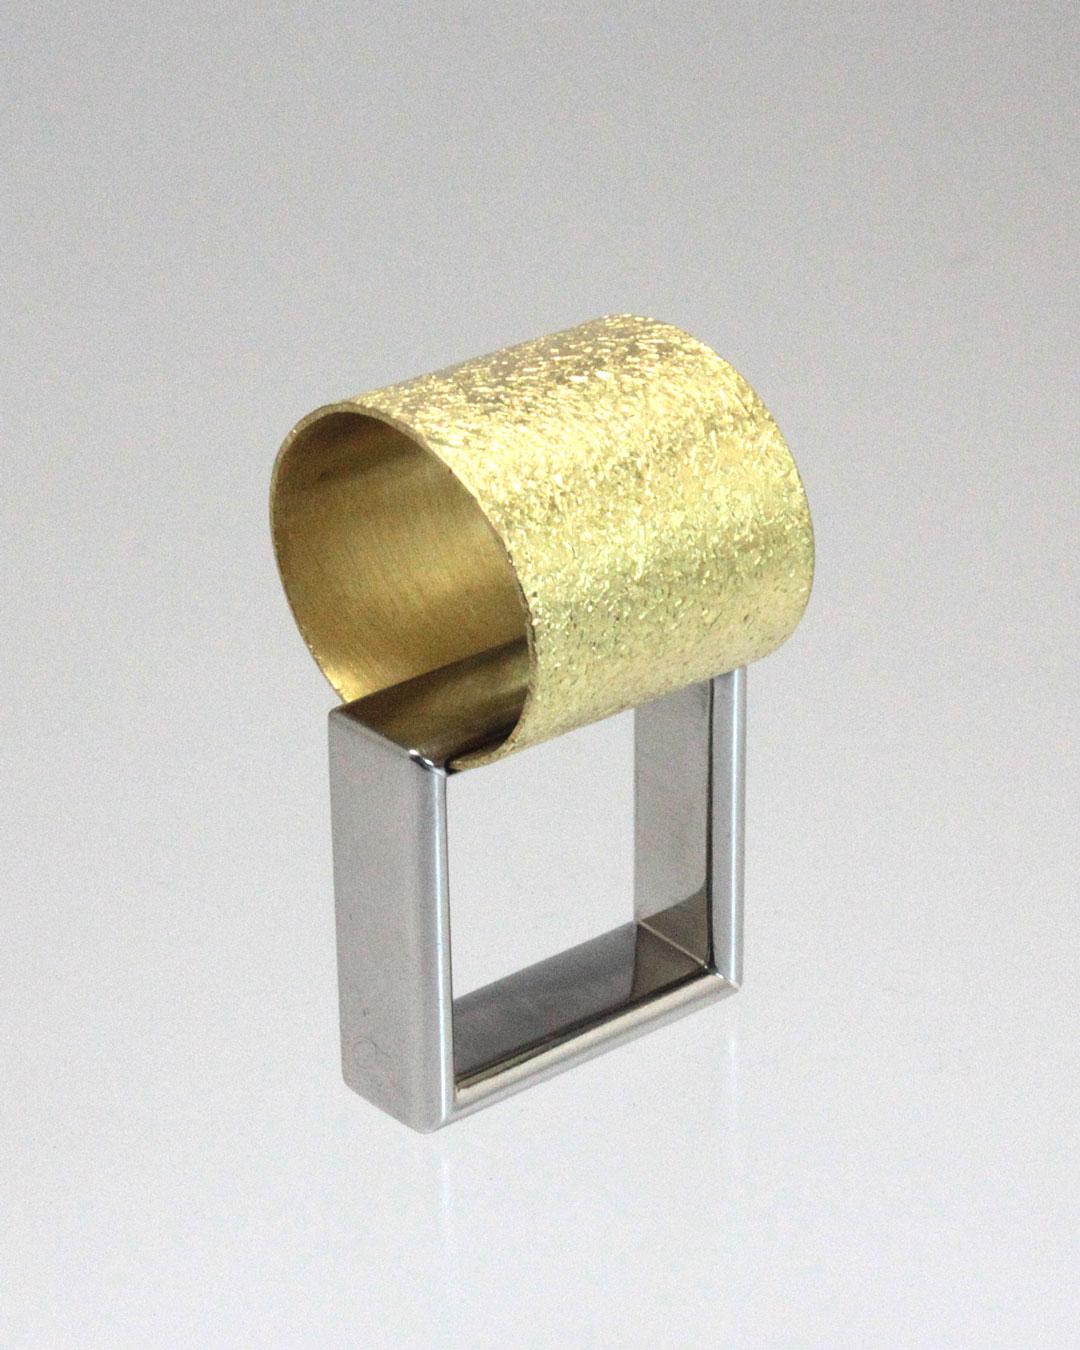 Okinari Kurokawa, untitled, 2014, ring, 20ct gold, stainless steel, 38 x 22 x 21 mm, €1850